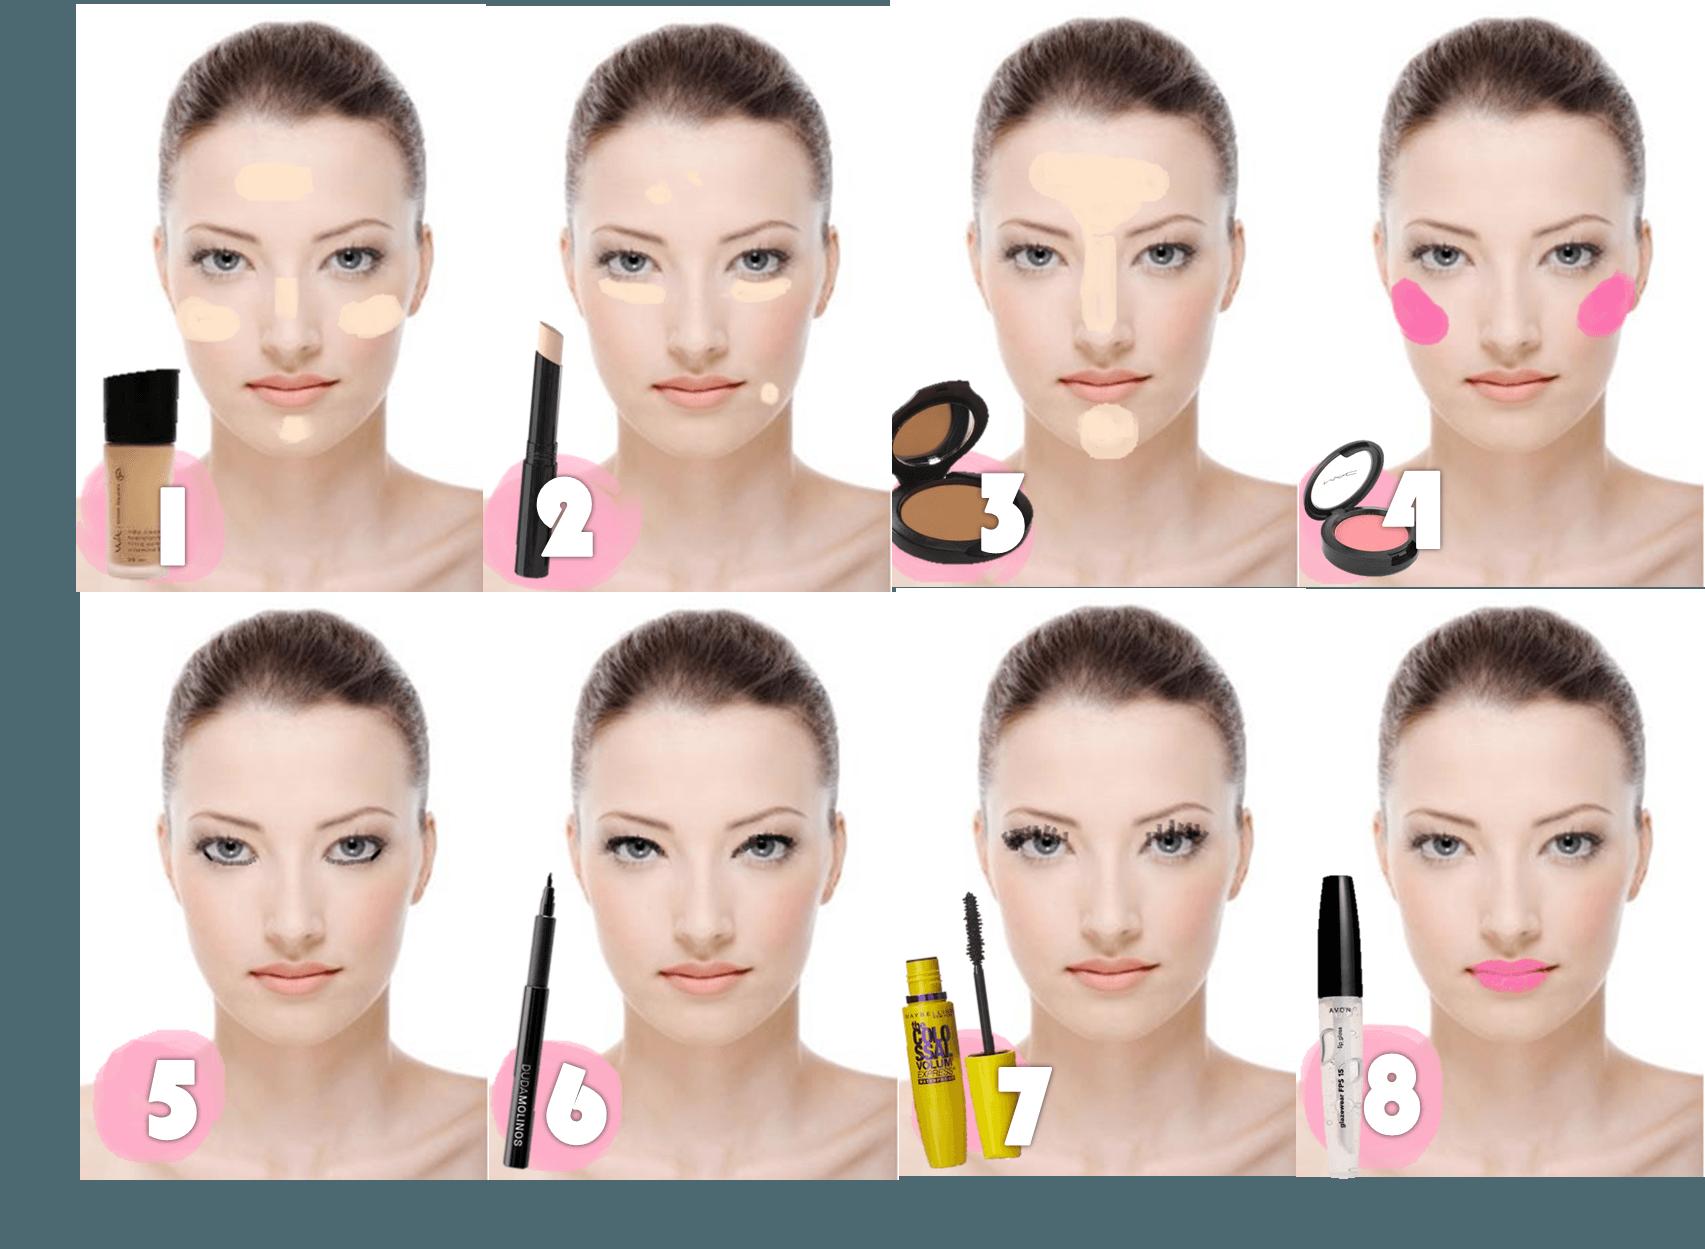 Escolha bem os produtos para fazer uma boa maquiagem simples e discreta (Foto: Divulgação)